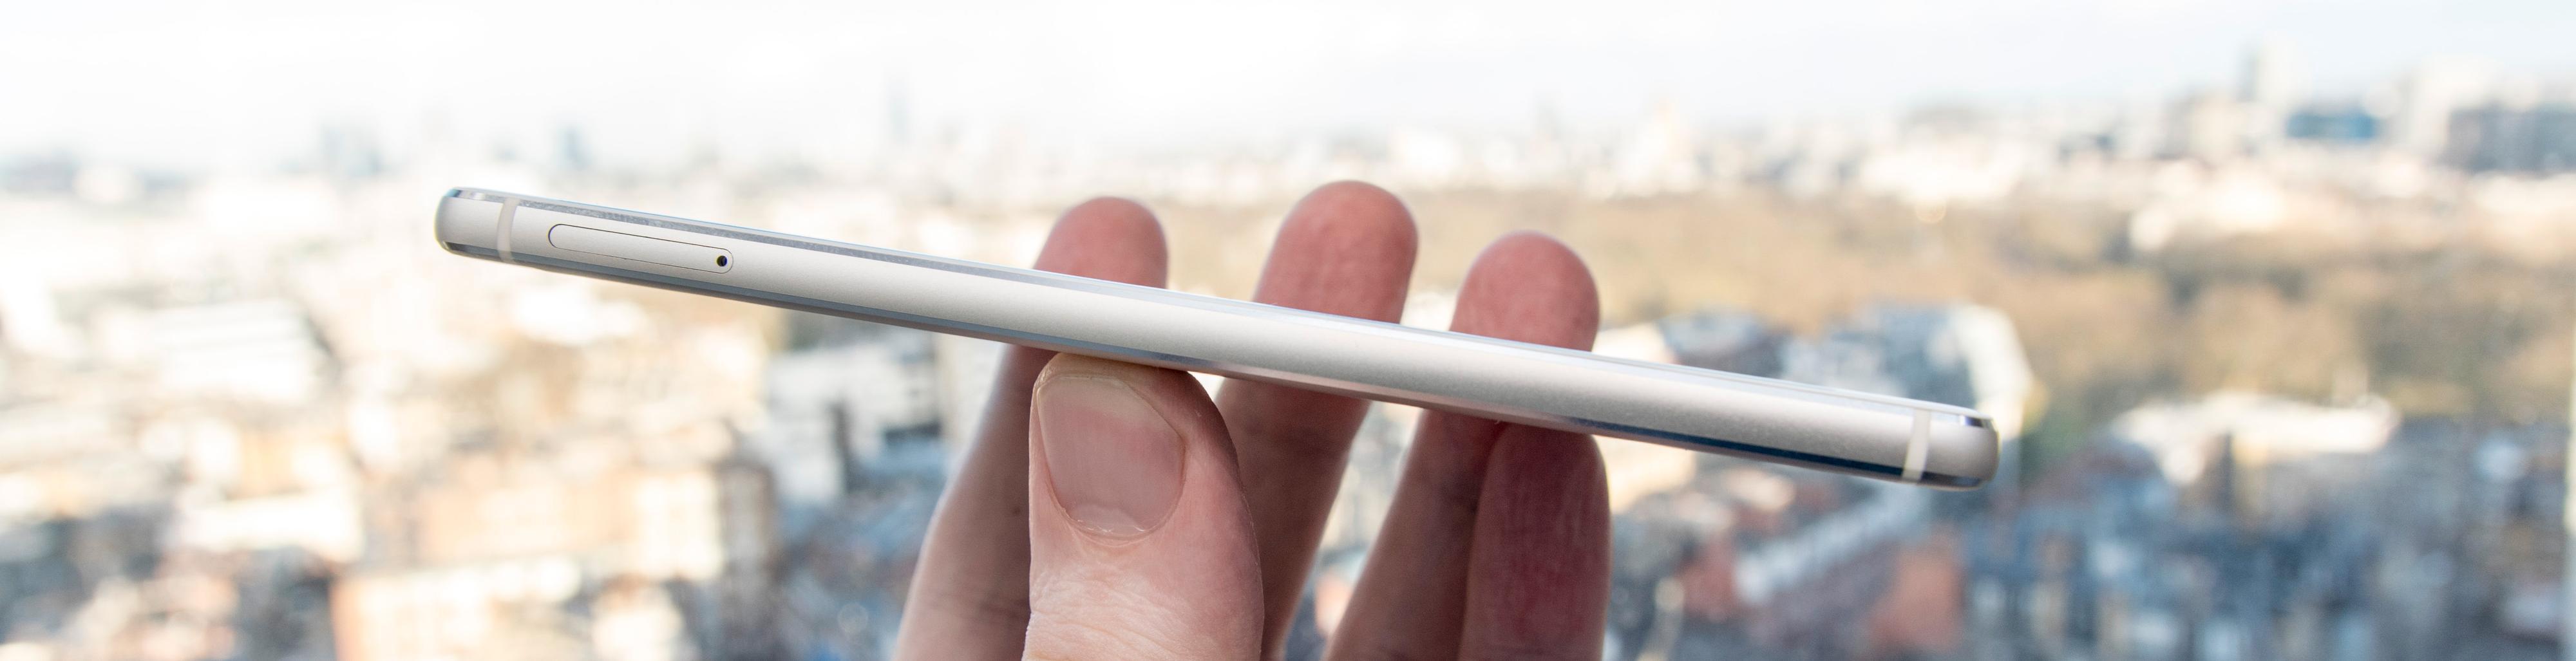 Noen slankere? Huawei P9 er (såvidt) under 7 millimeter tykk.